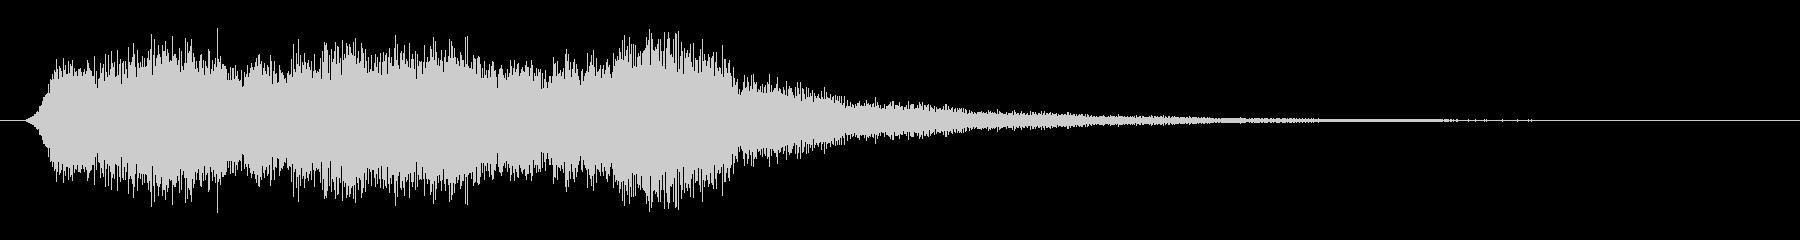 パッド エアリー合唱団ブライト01の未再生の波形